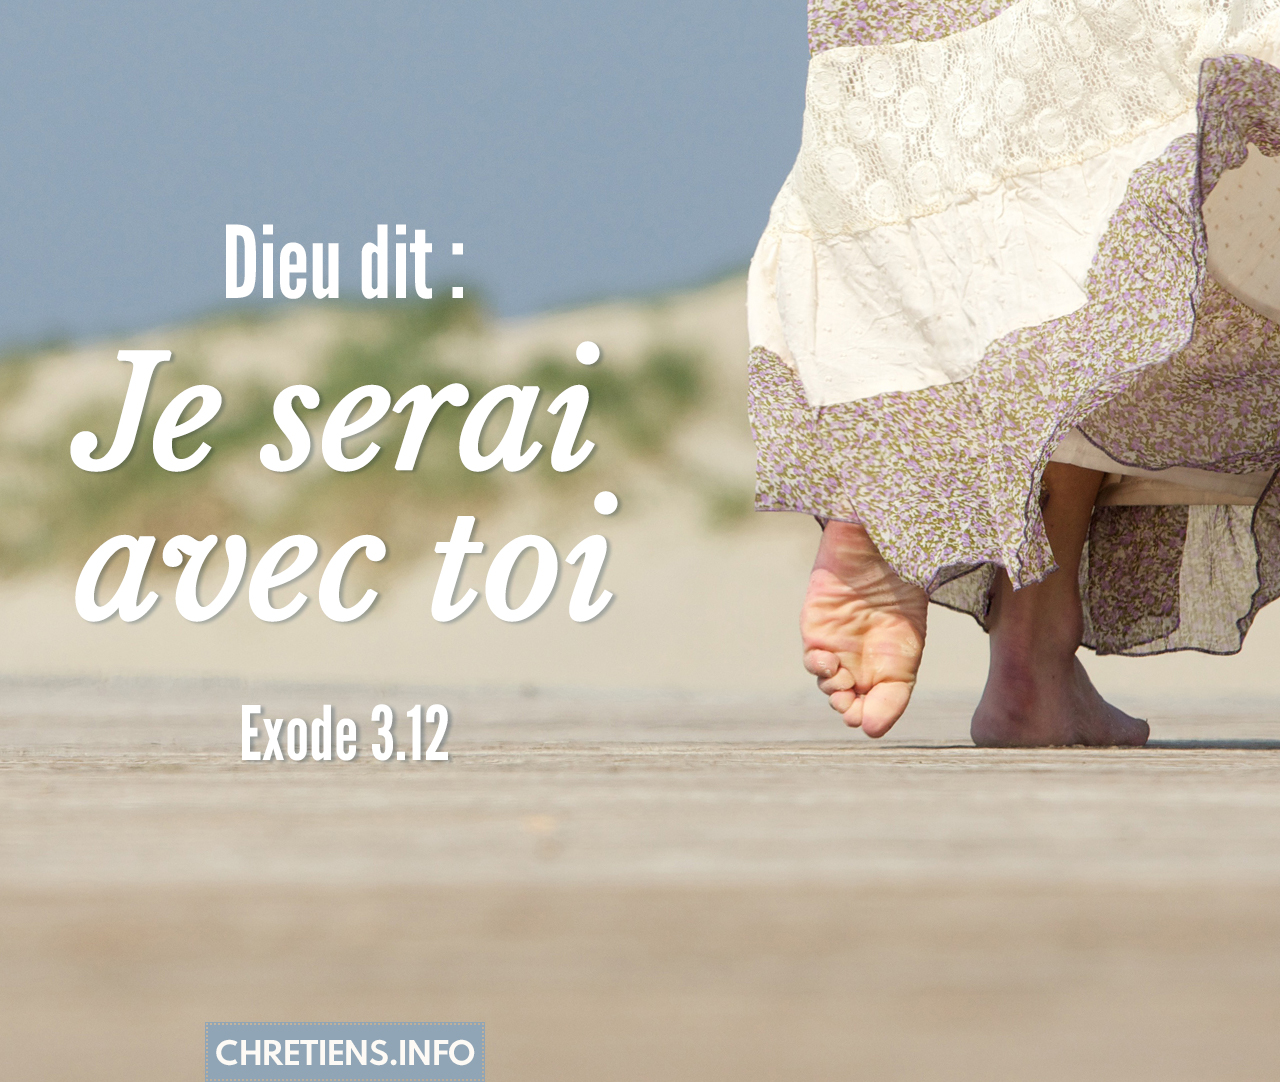 Dieu dit : Je serai avec toi ; et ceci sera pour toi le signe que c'est moi qui t'envoie. Exode 3:12